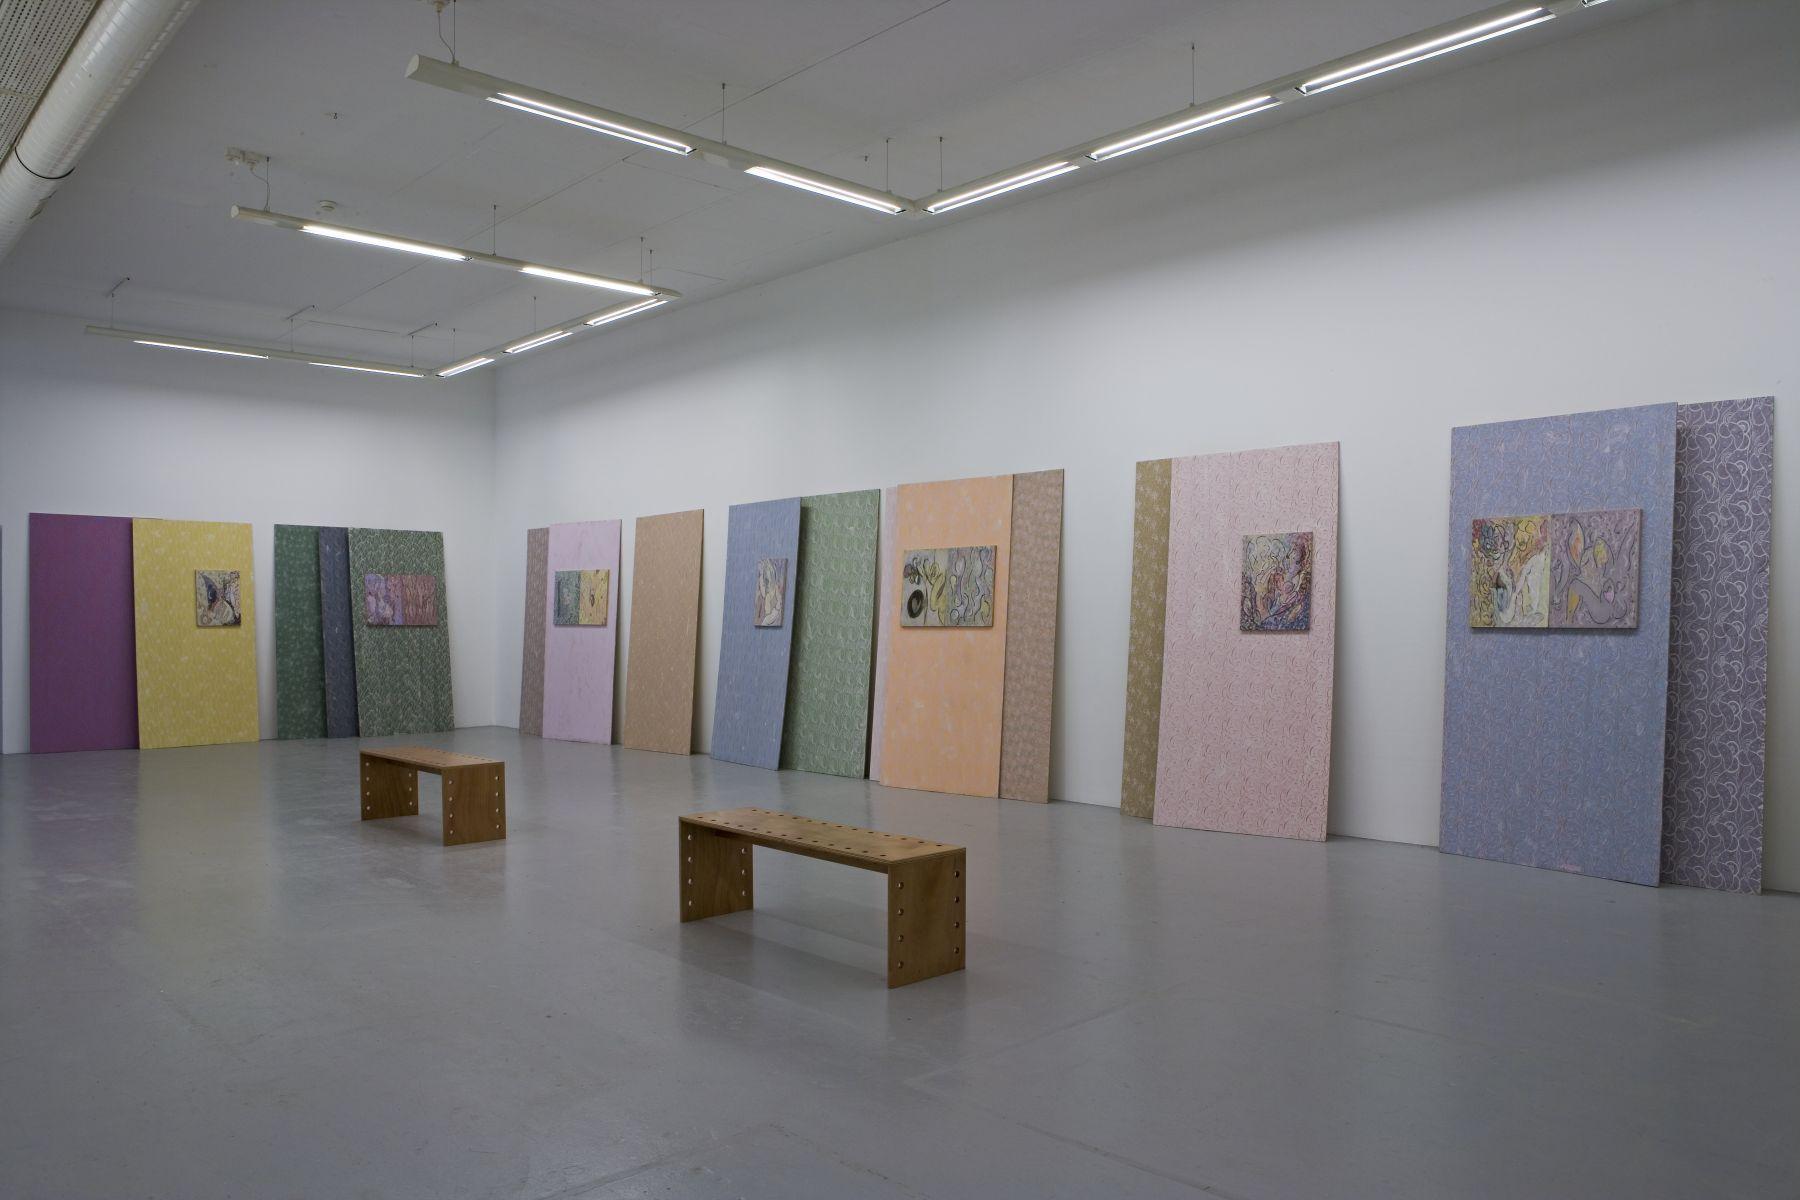 Zurich Suite, Migros Museum für Gegenwartskunst, Zurich